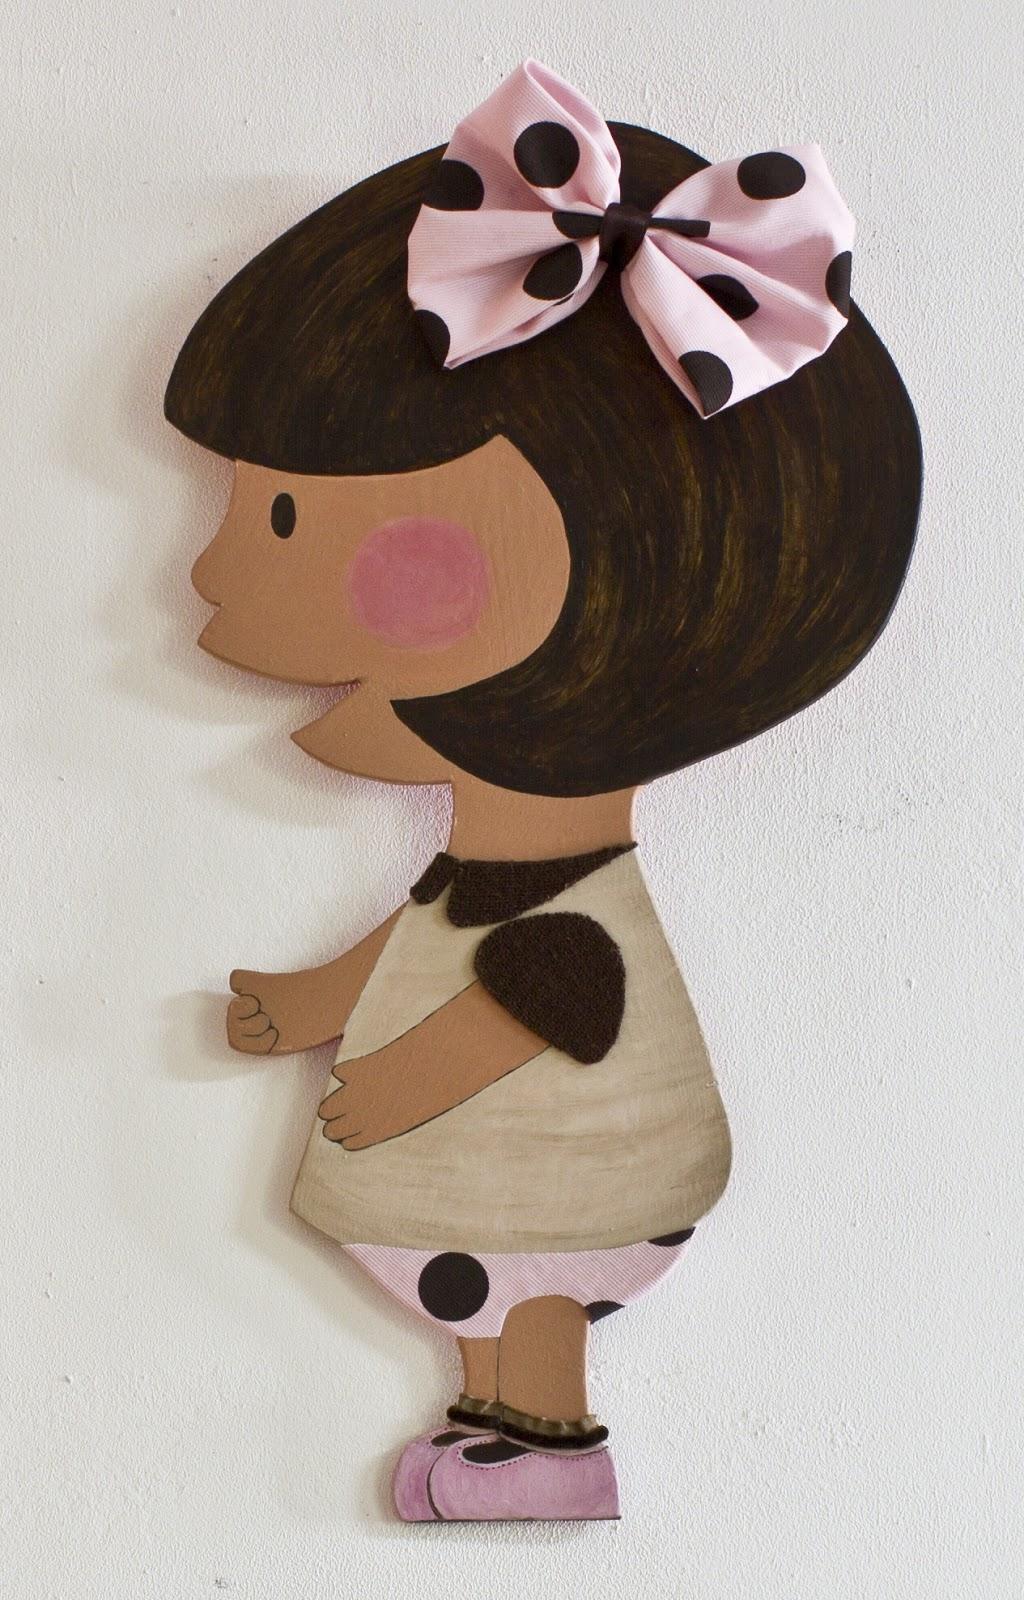 Tamoji siluetas de madera infantiles personalizadas tamoji - Siluetas madera infantiles ...